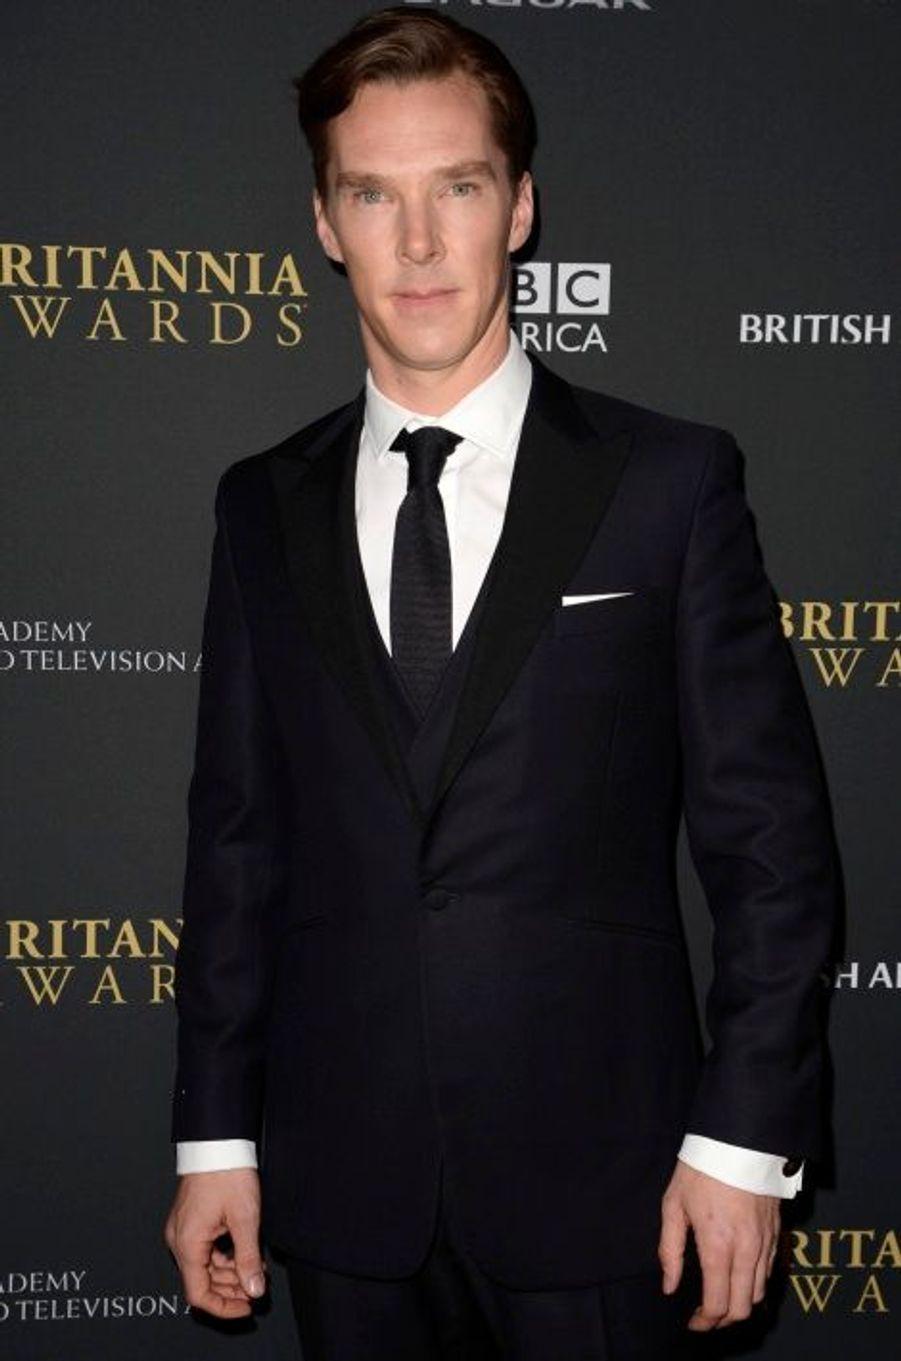 Benedict Cumberbatch, reparti avec le Britannia Award for British Artist of the Year